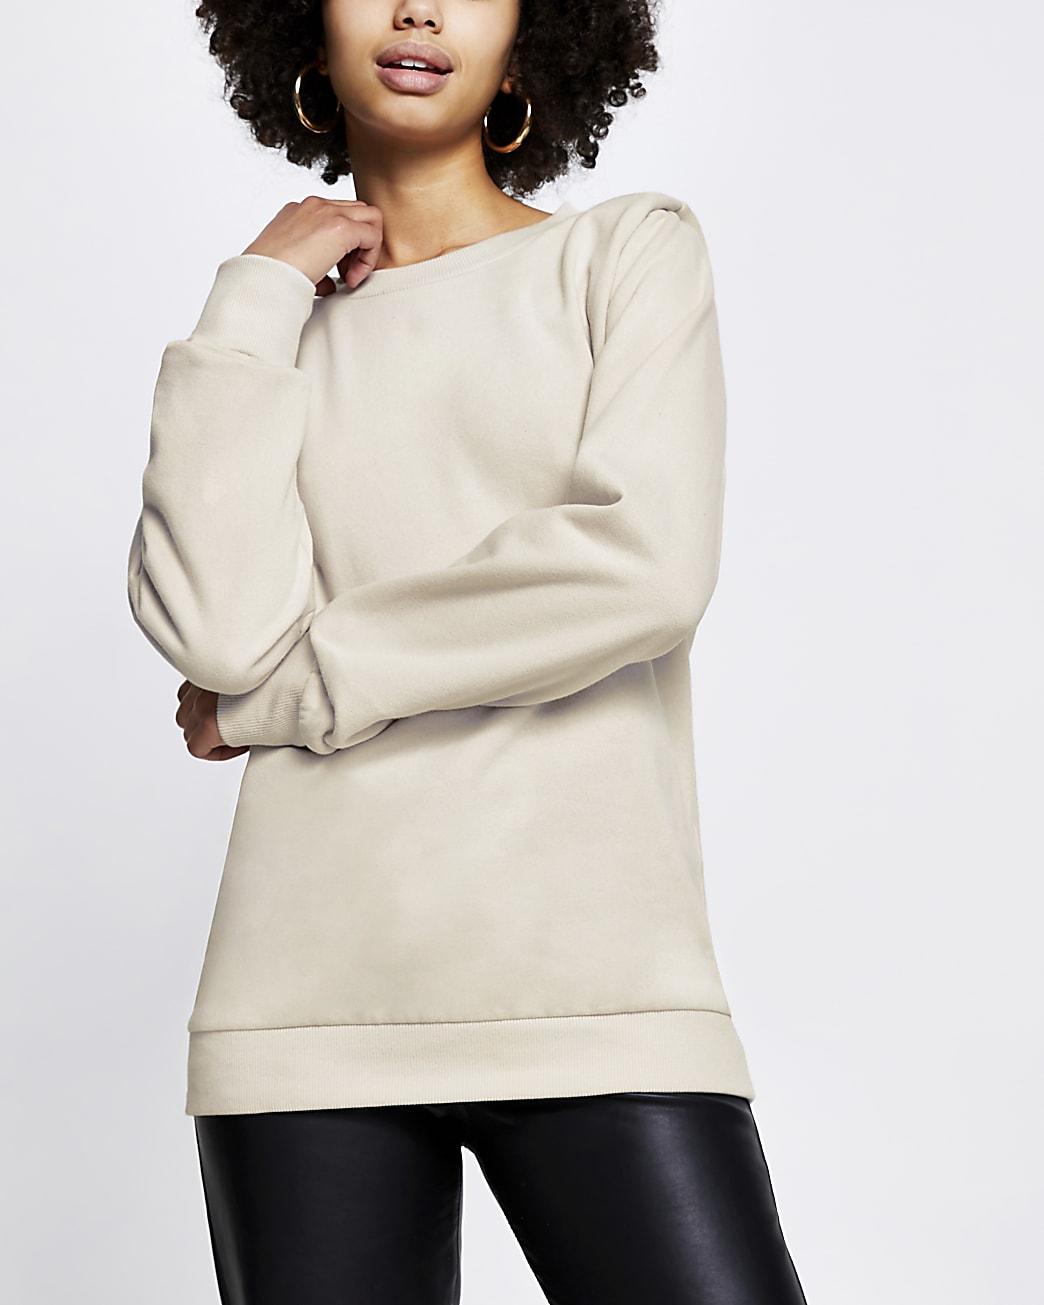 Beige long sleeve shoulder pad sweatshirt